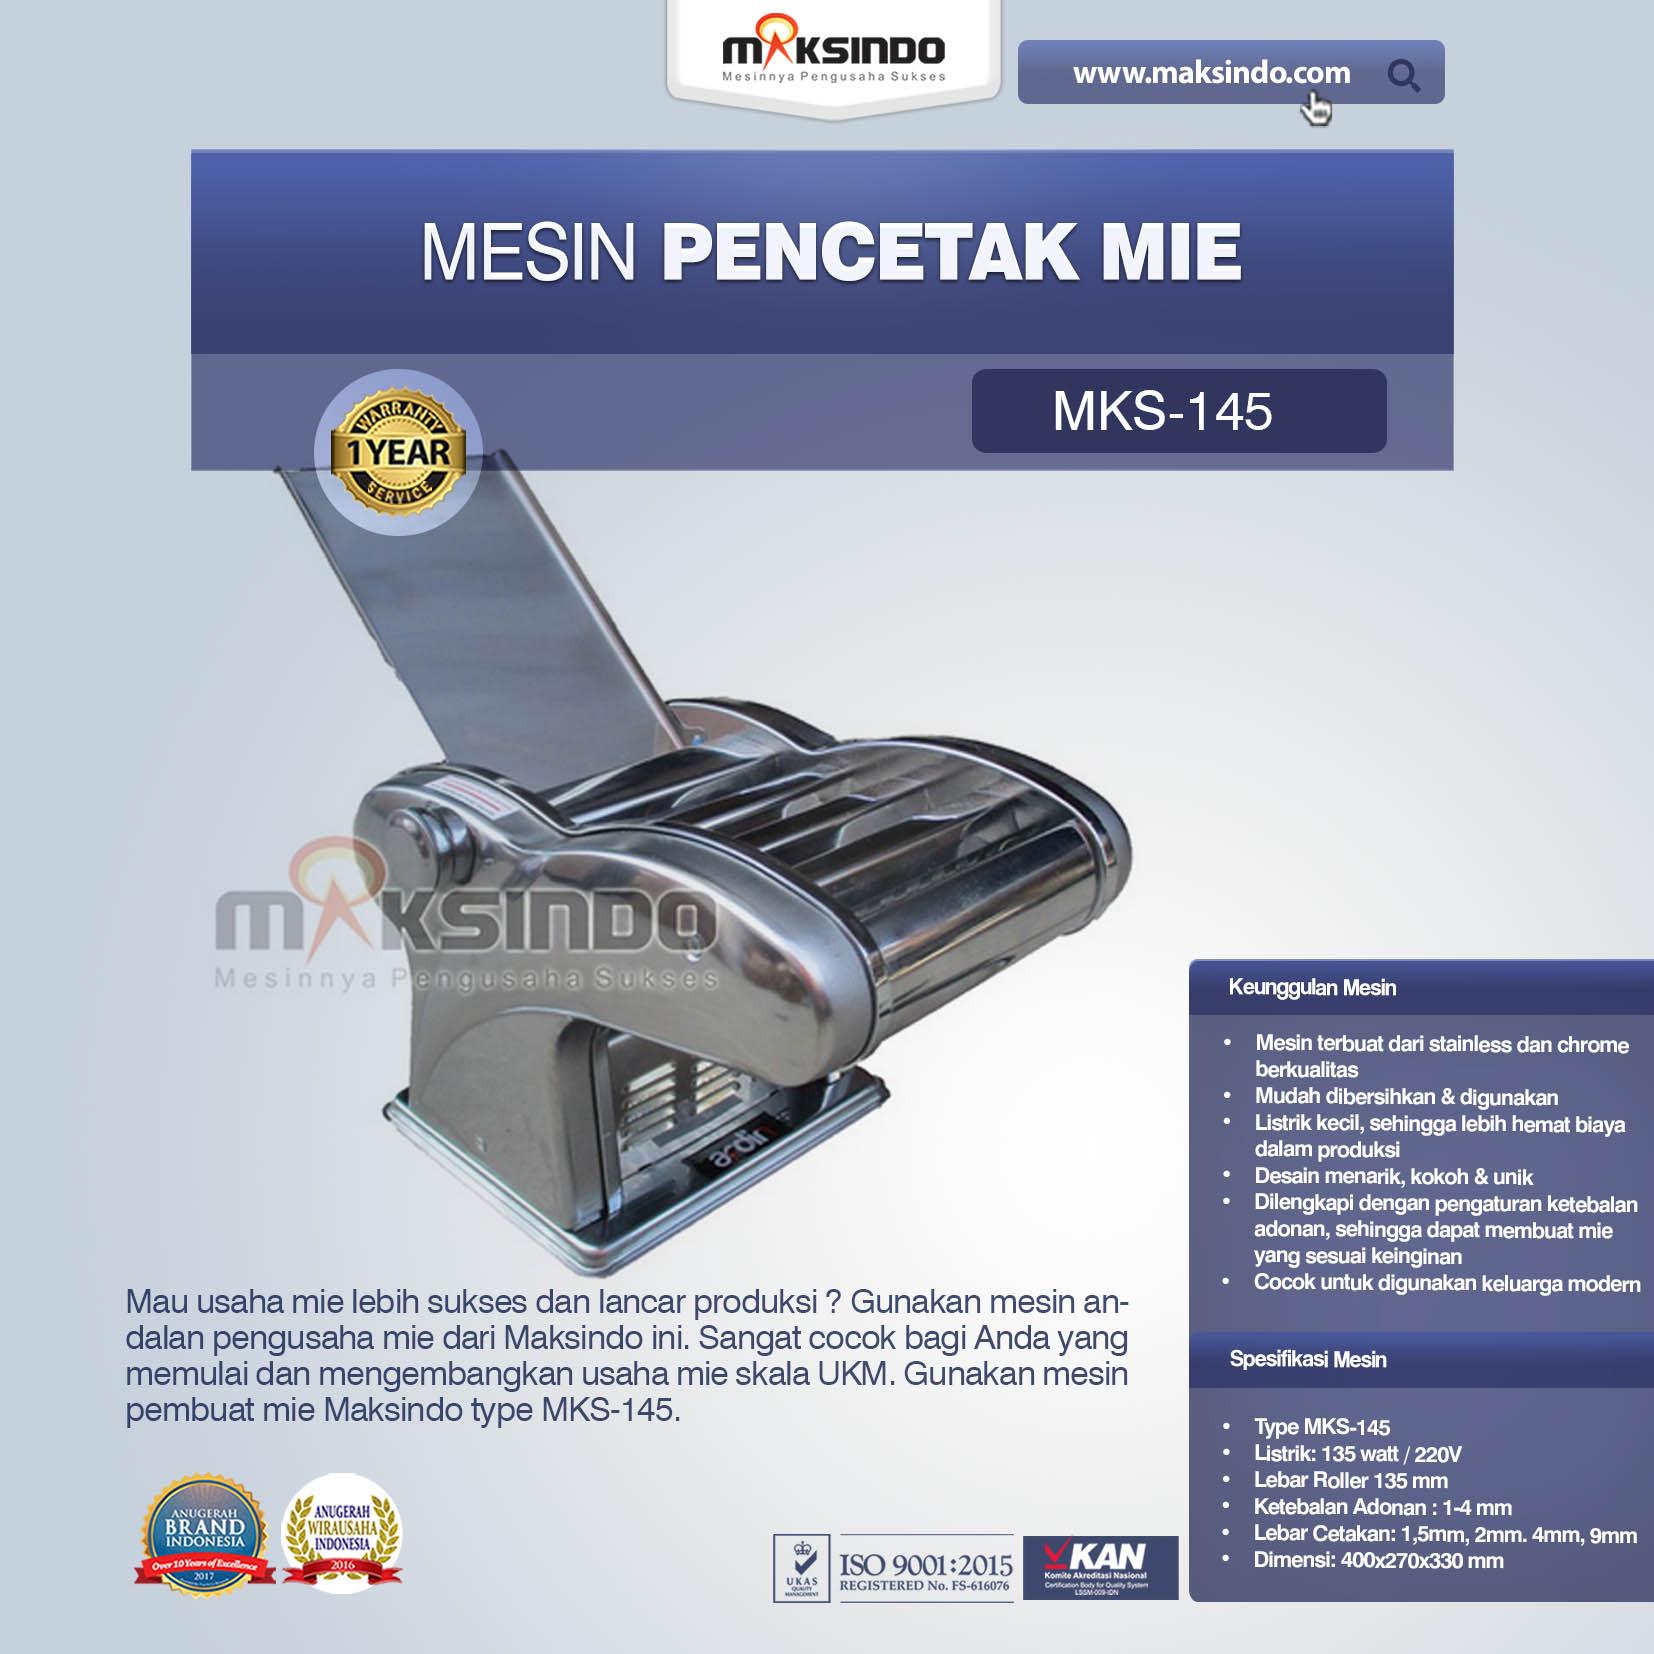 Jual Mesin Cetak Mie (MKS-145) di Blitar